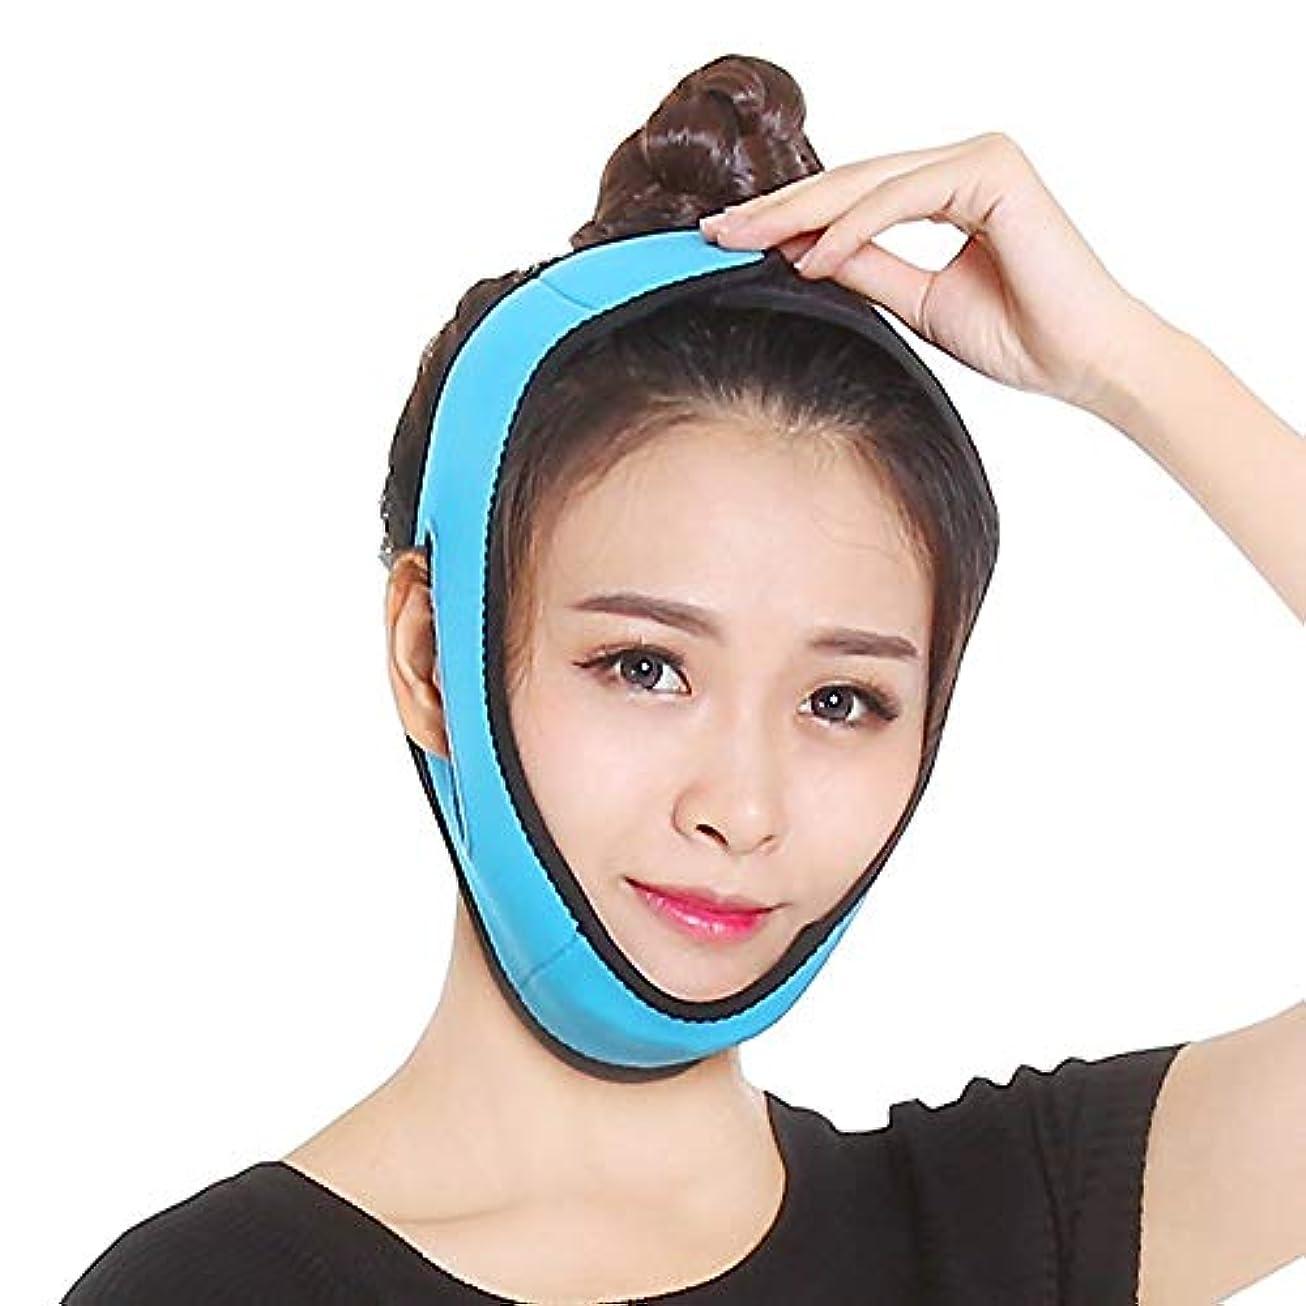 教スライス靴下フェイシャルリフティングスリミングベルト - 薄いフェイス包帯二重あごデバイス無料フェイシャルマッサージ整形マスクを引き締める顔と首の顔スリム